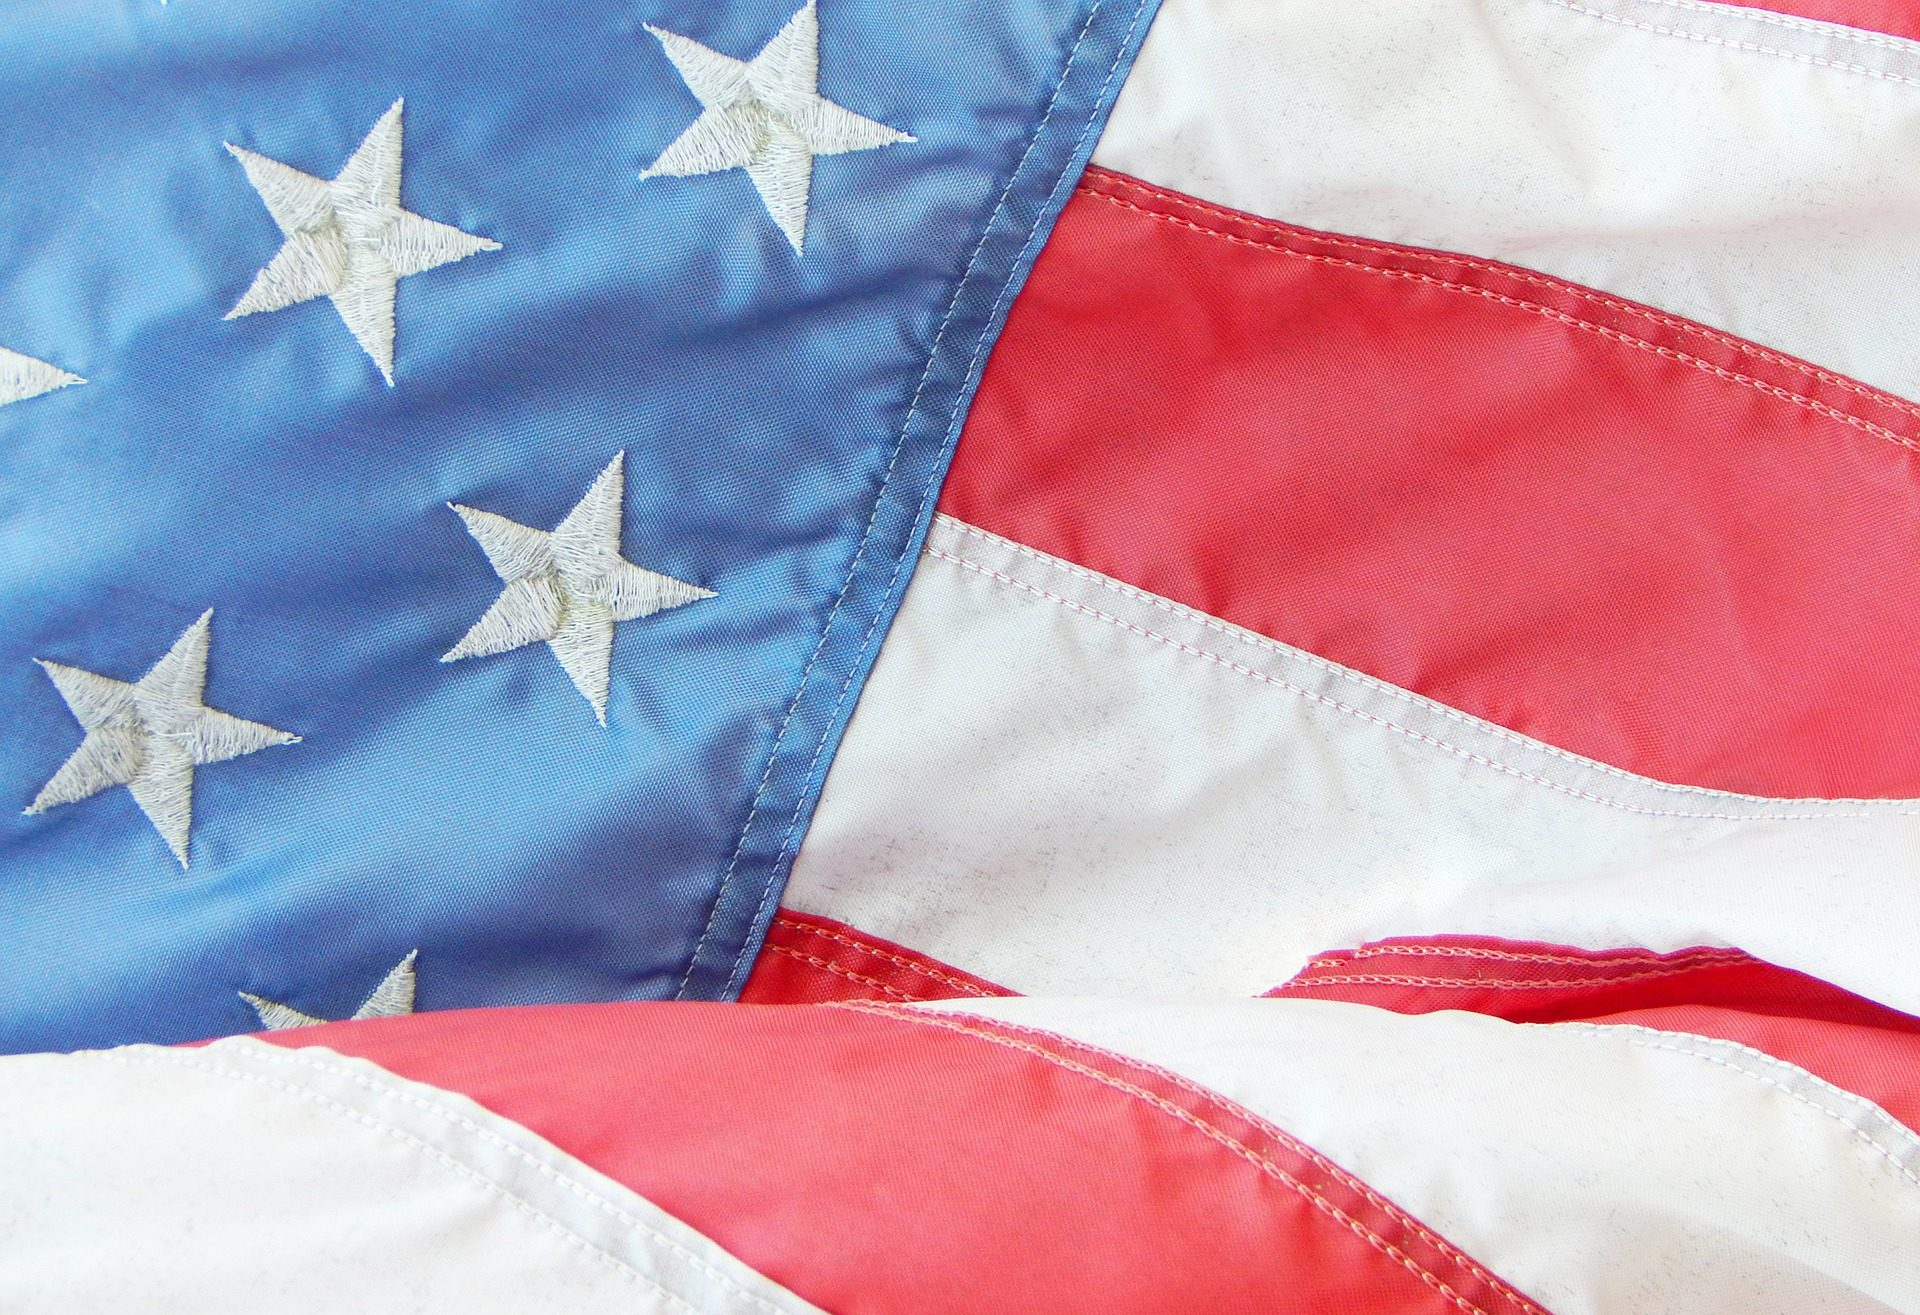 Agencia de noticias AP y Everipedia registrarán en blockchain los datos y resultados de las próximas elecciones generales de Estados Unidos